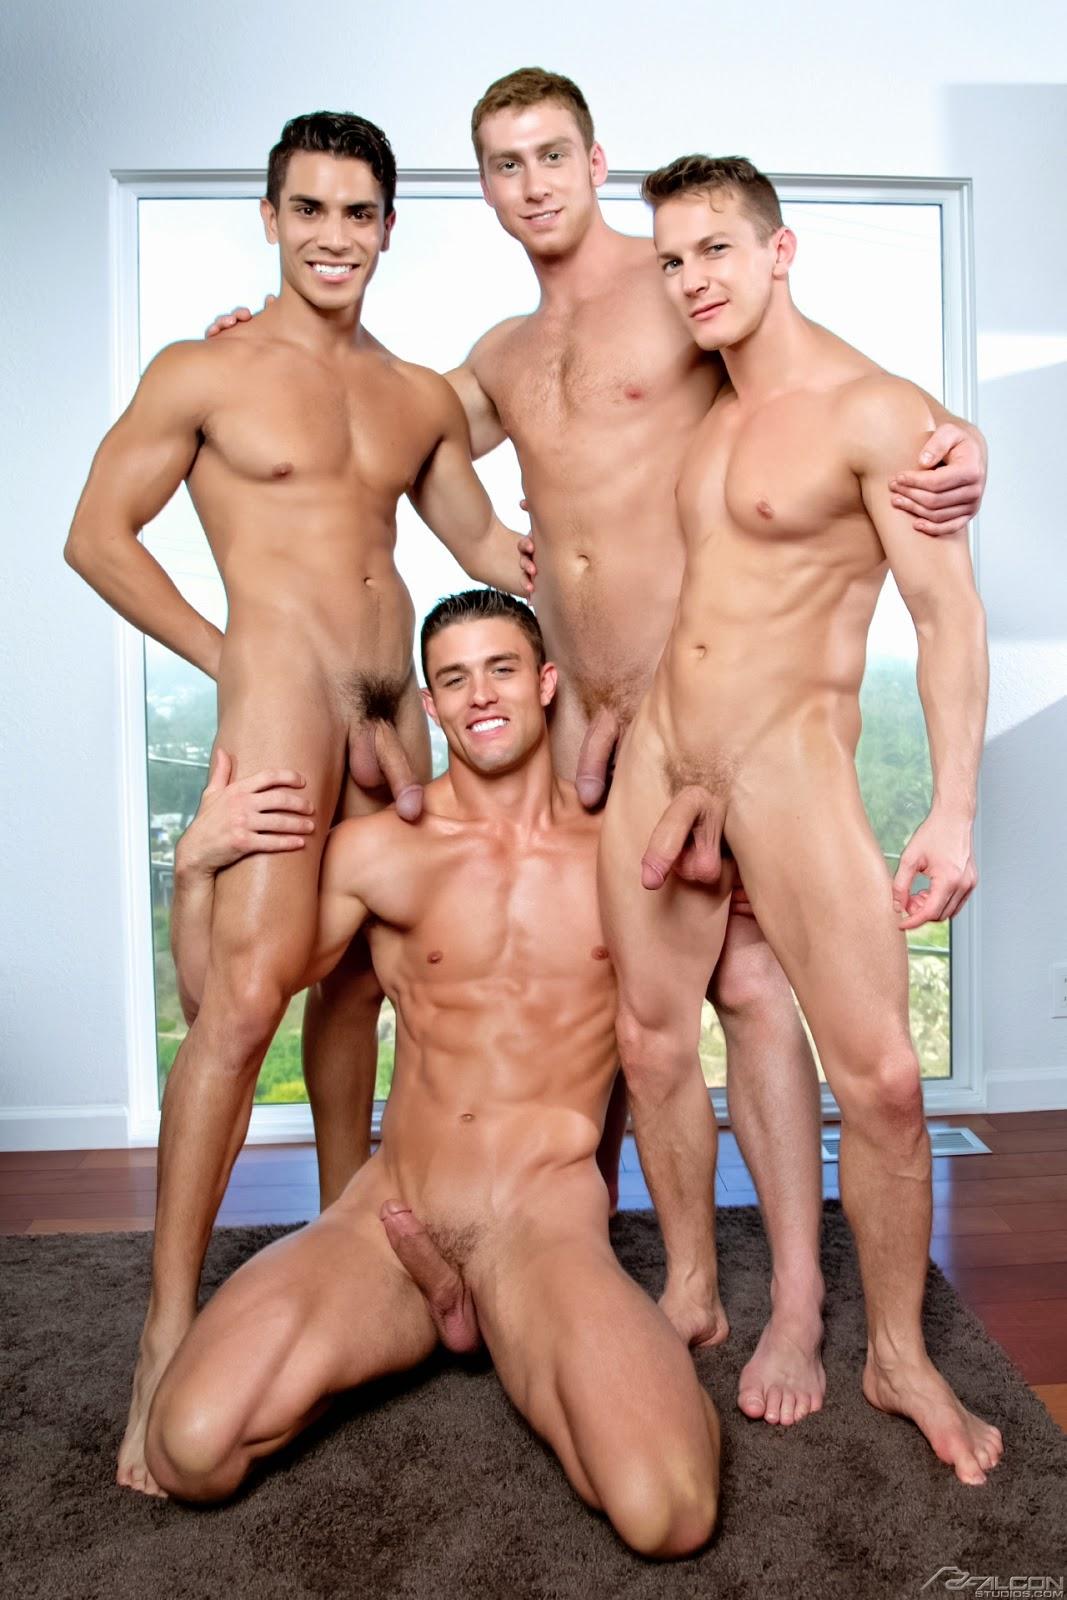 Naked Gay Men Together